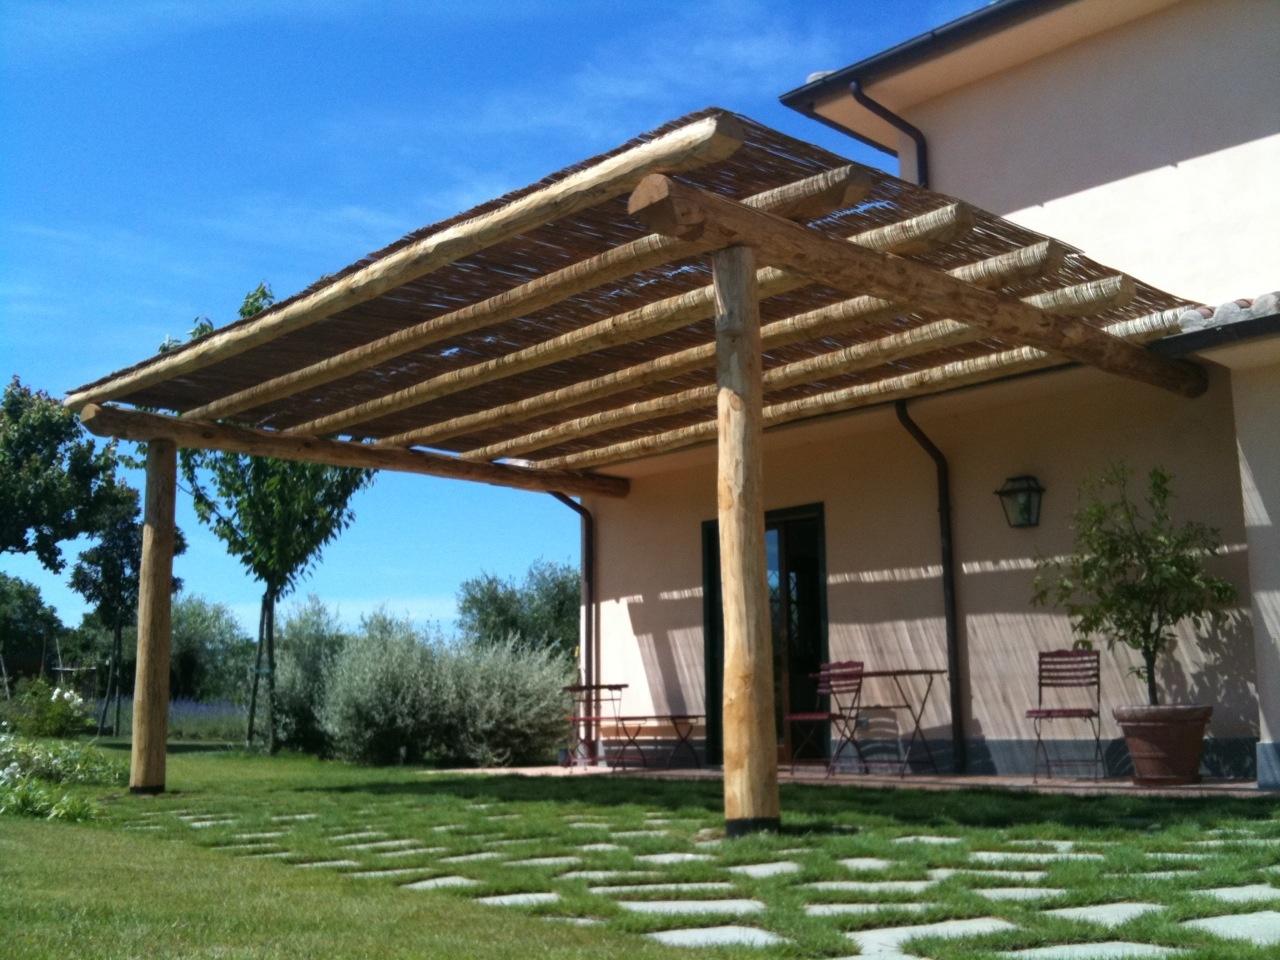 Vendita e lavorazione di travi tonde in legno di castagno for Disegni portico e prezzi